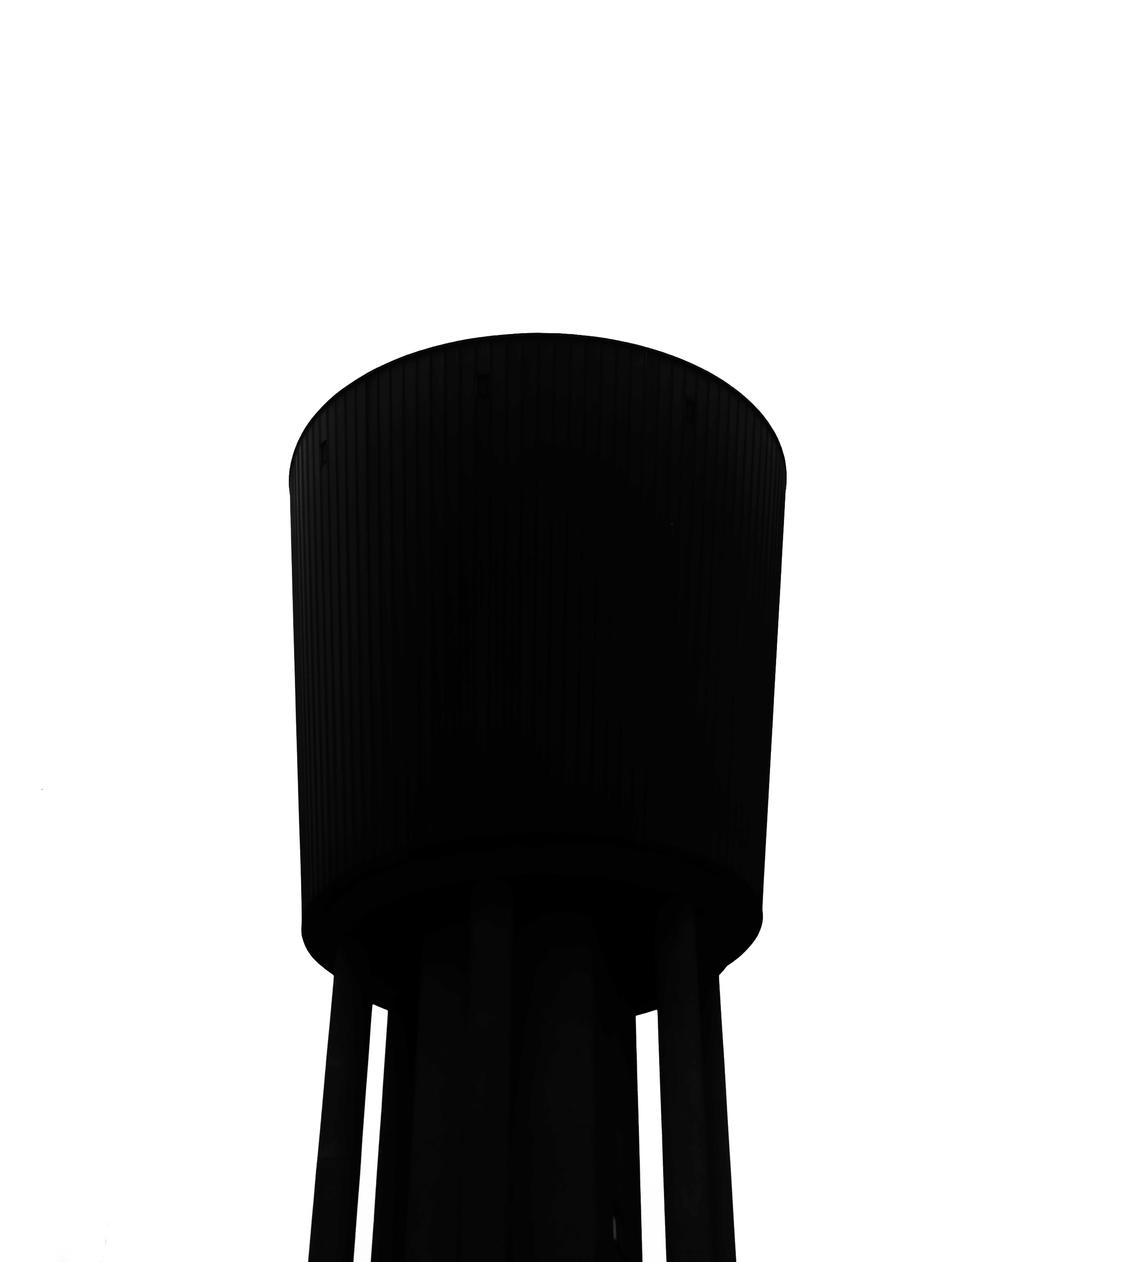 Watertoren - dank voor alle waarderingen - foto door c.buitendijk53 op 01-03-2021 - deze foto bevat: amsterdam, abstract, architectuur, zwartwit